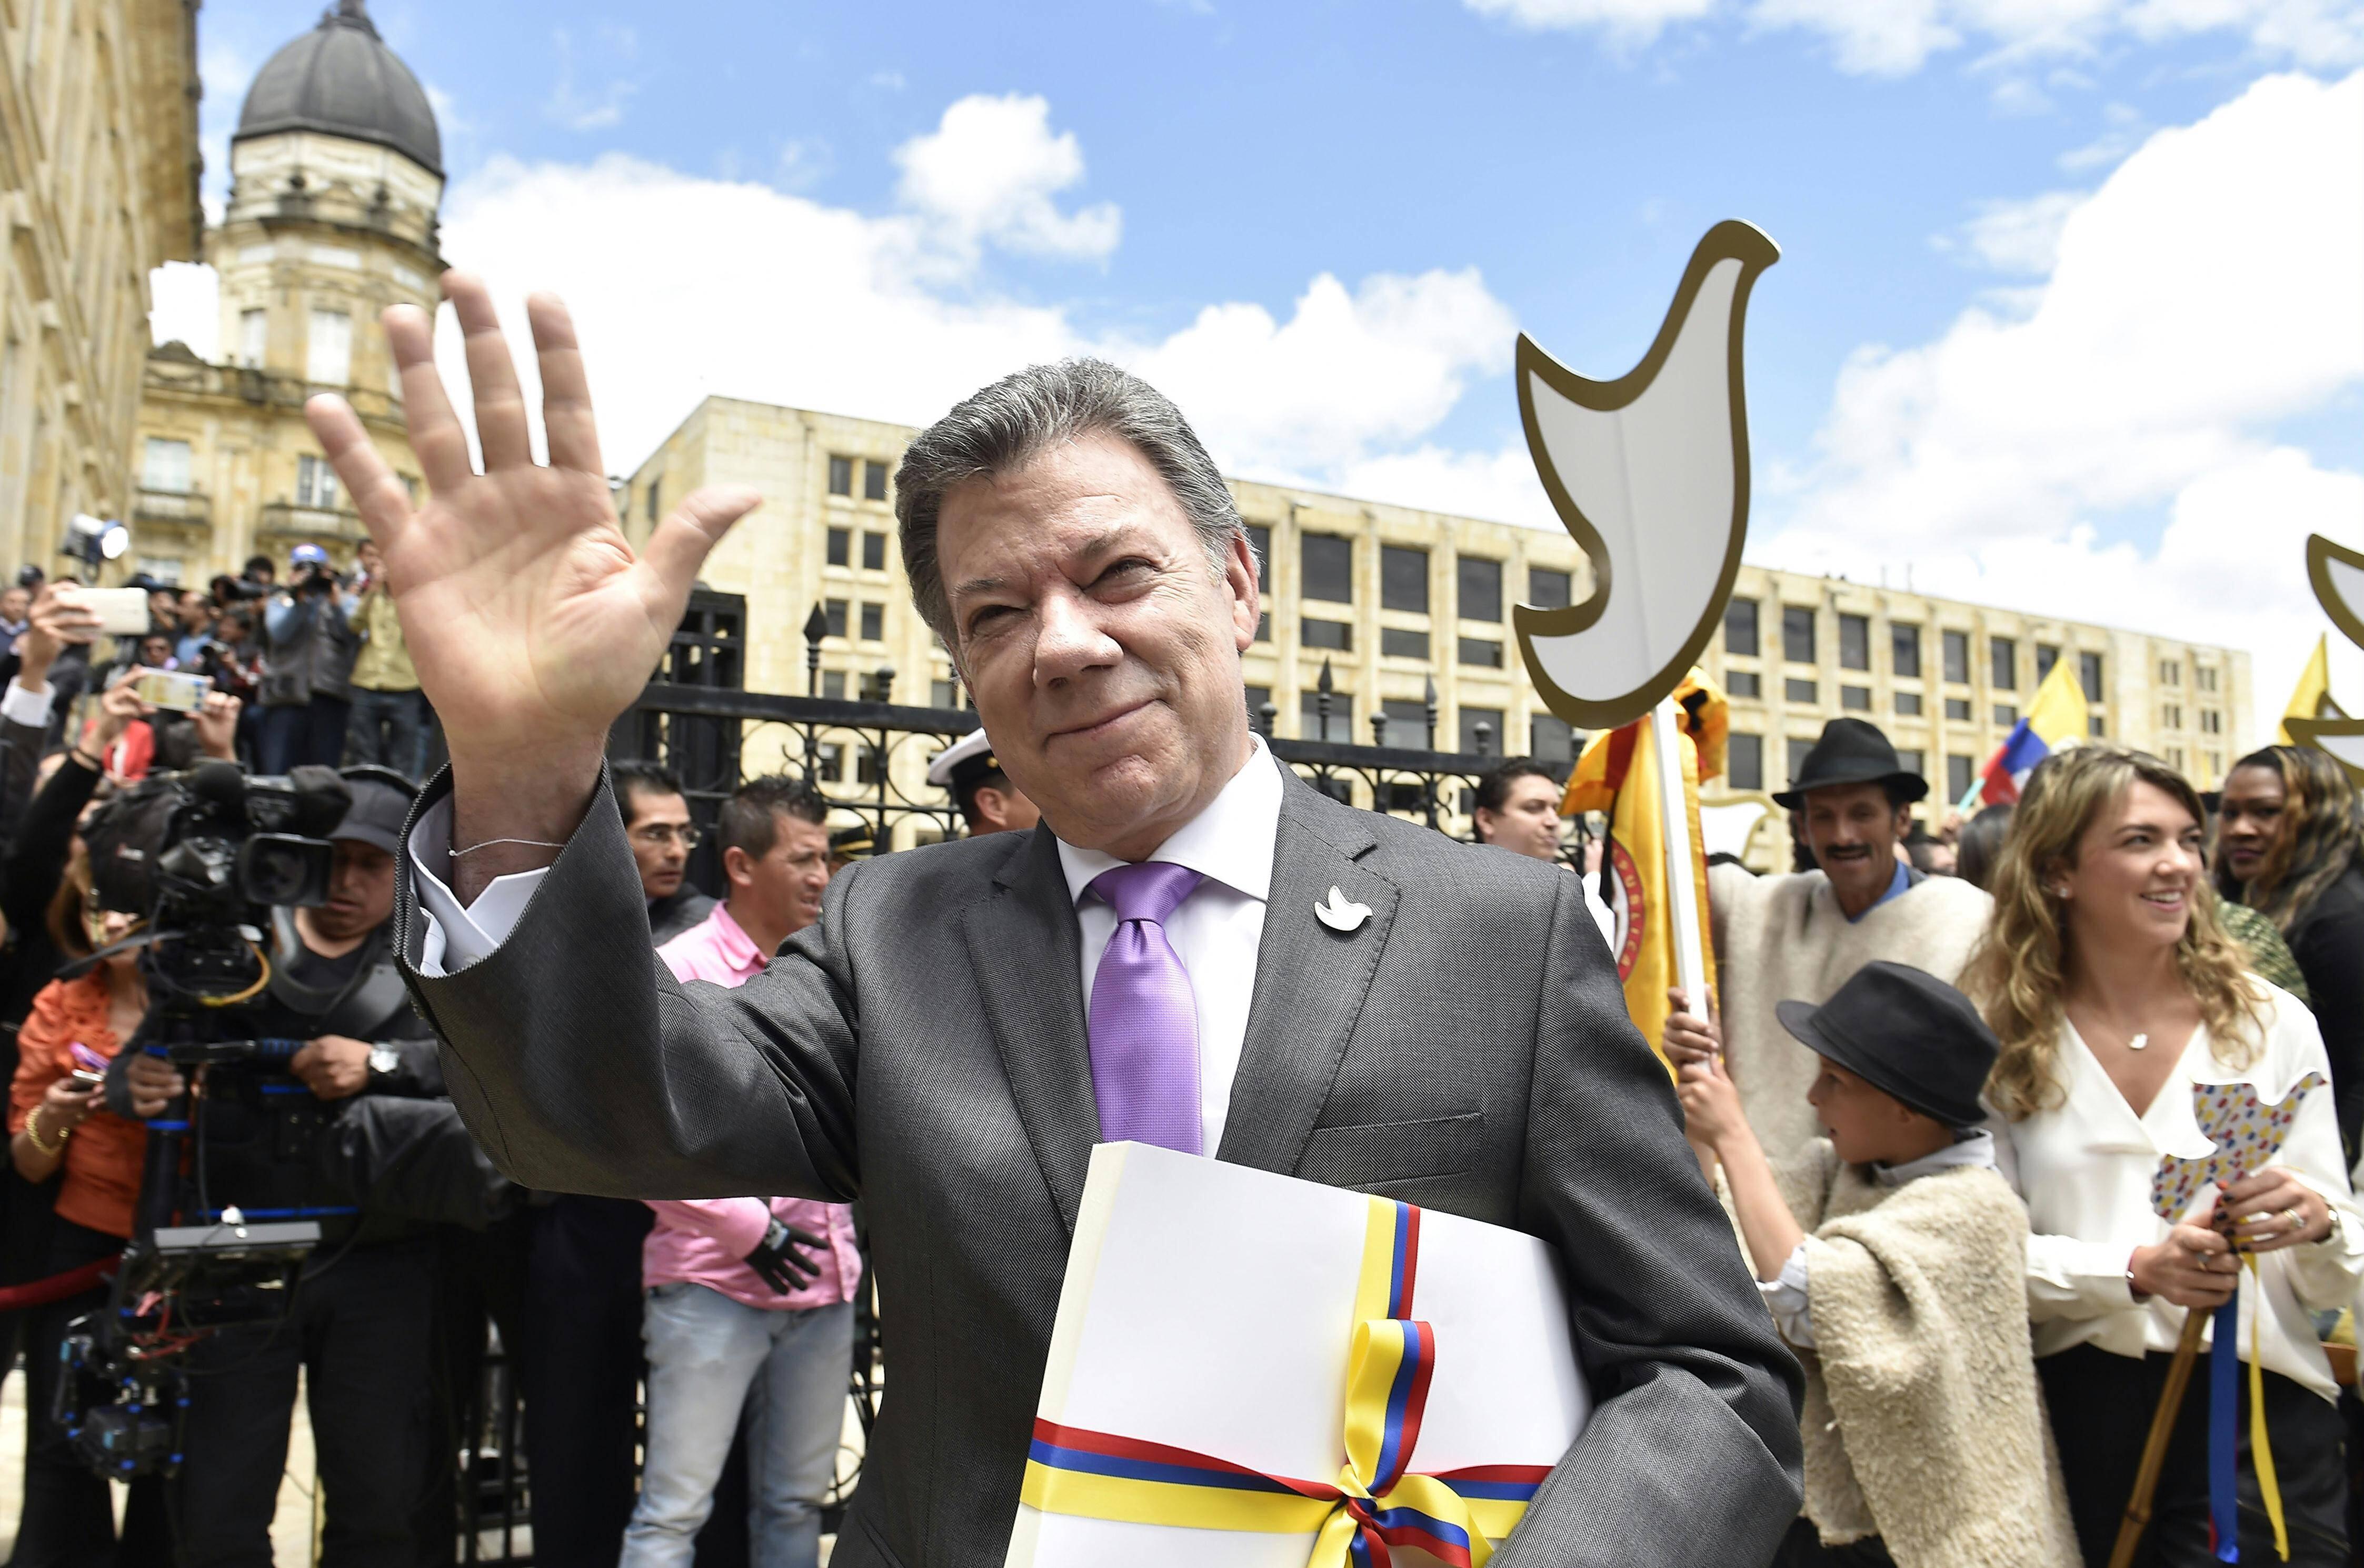 Bild zu Juan Manuel Santos, Präsident, Friednesnobelpreis, Kolumbien